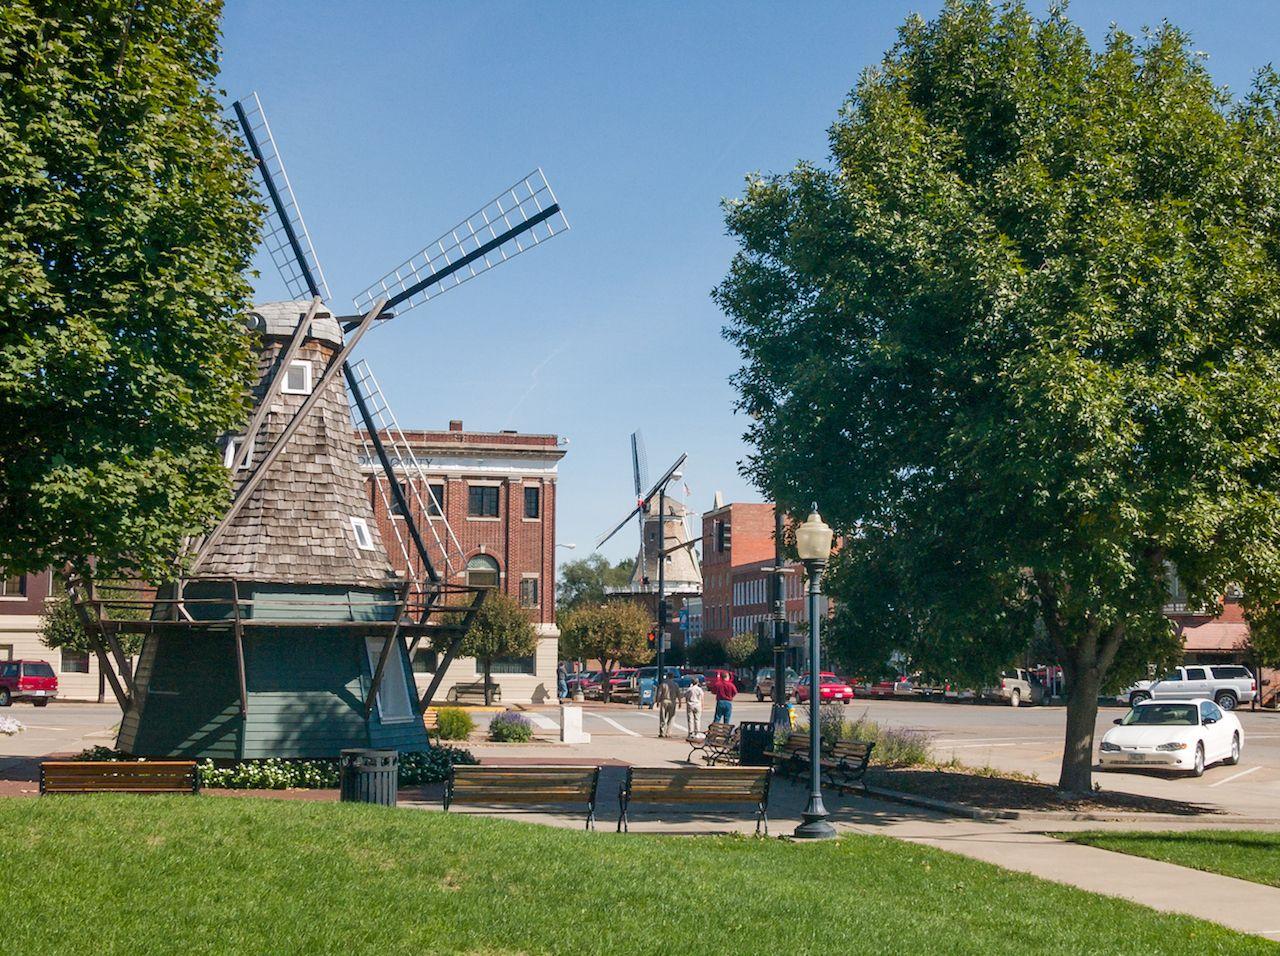 Windmill at Dutch village Pella in Iowa